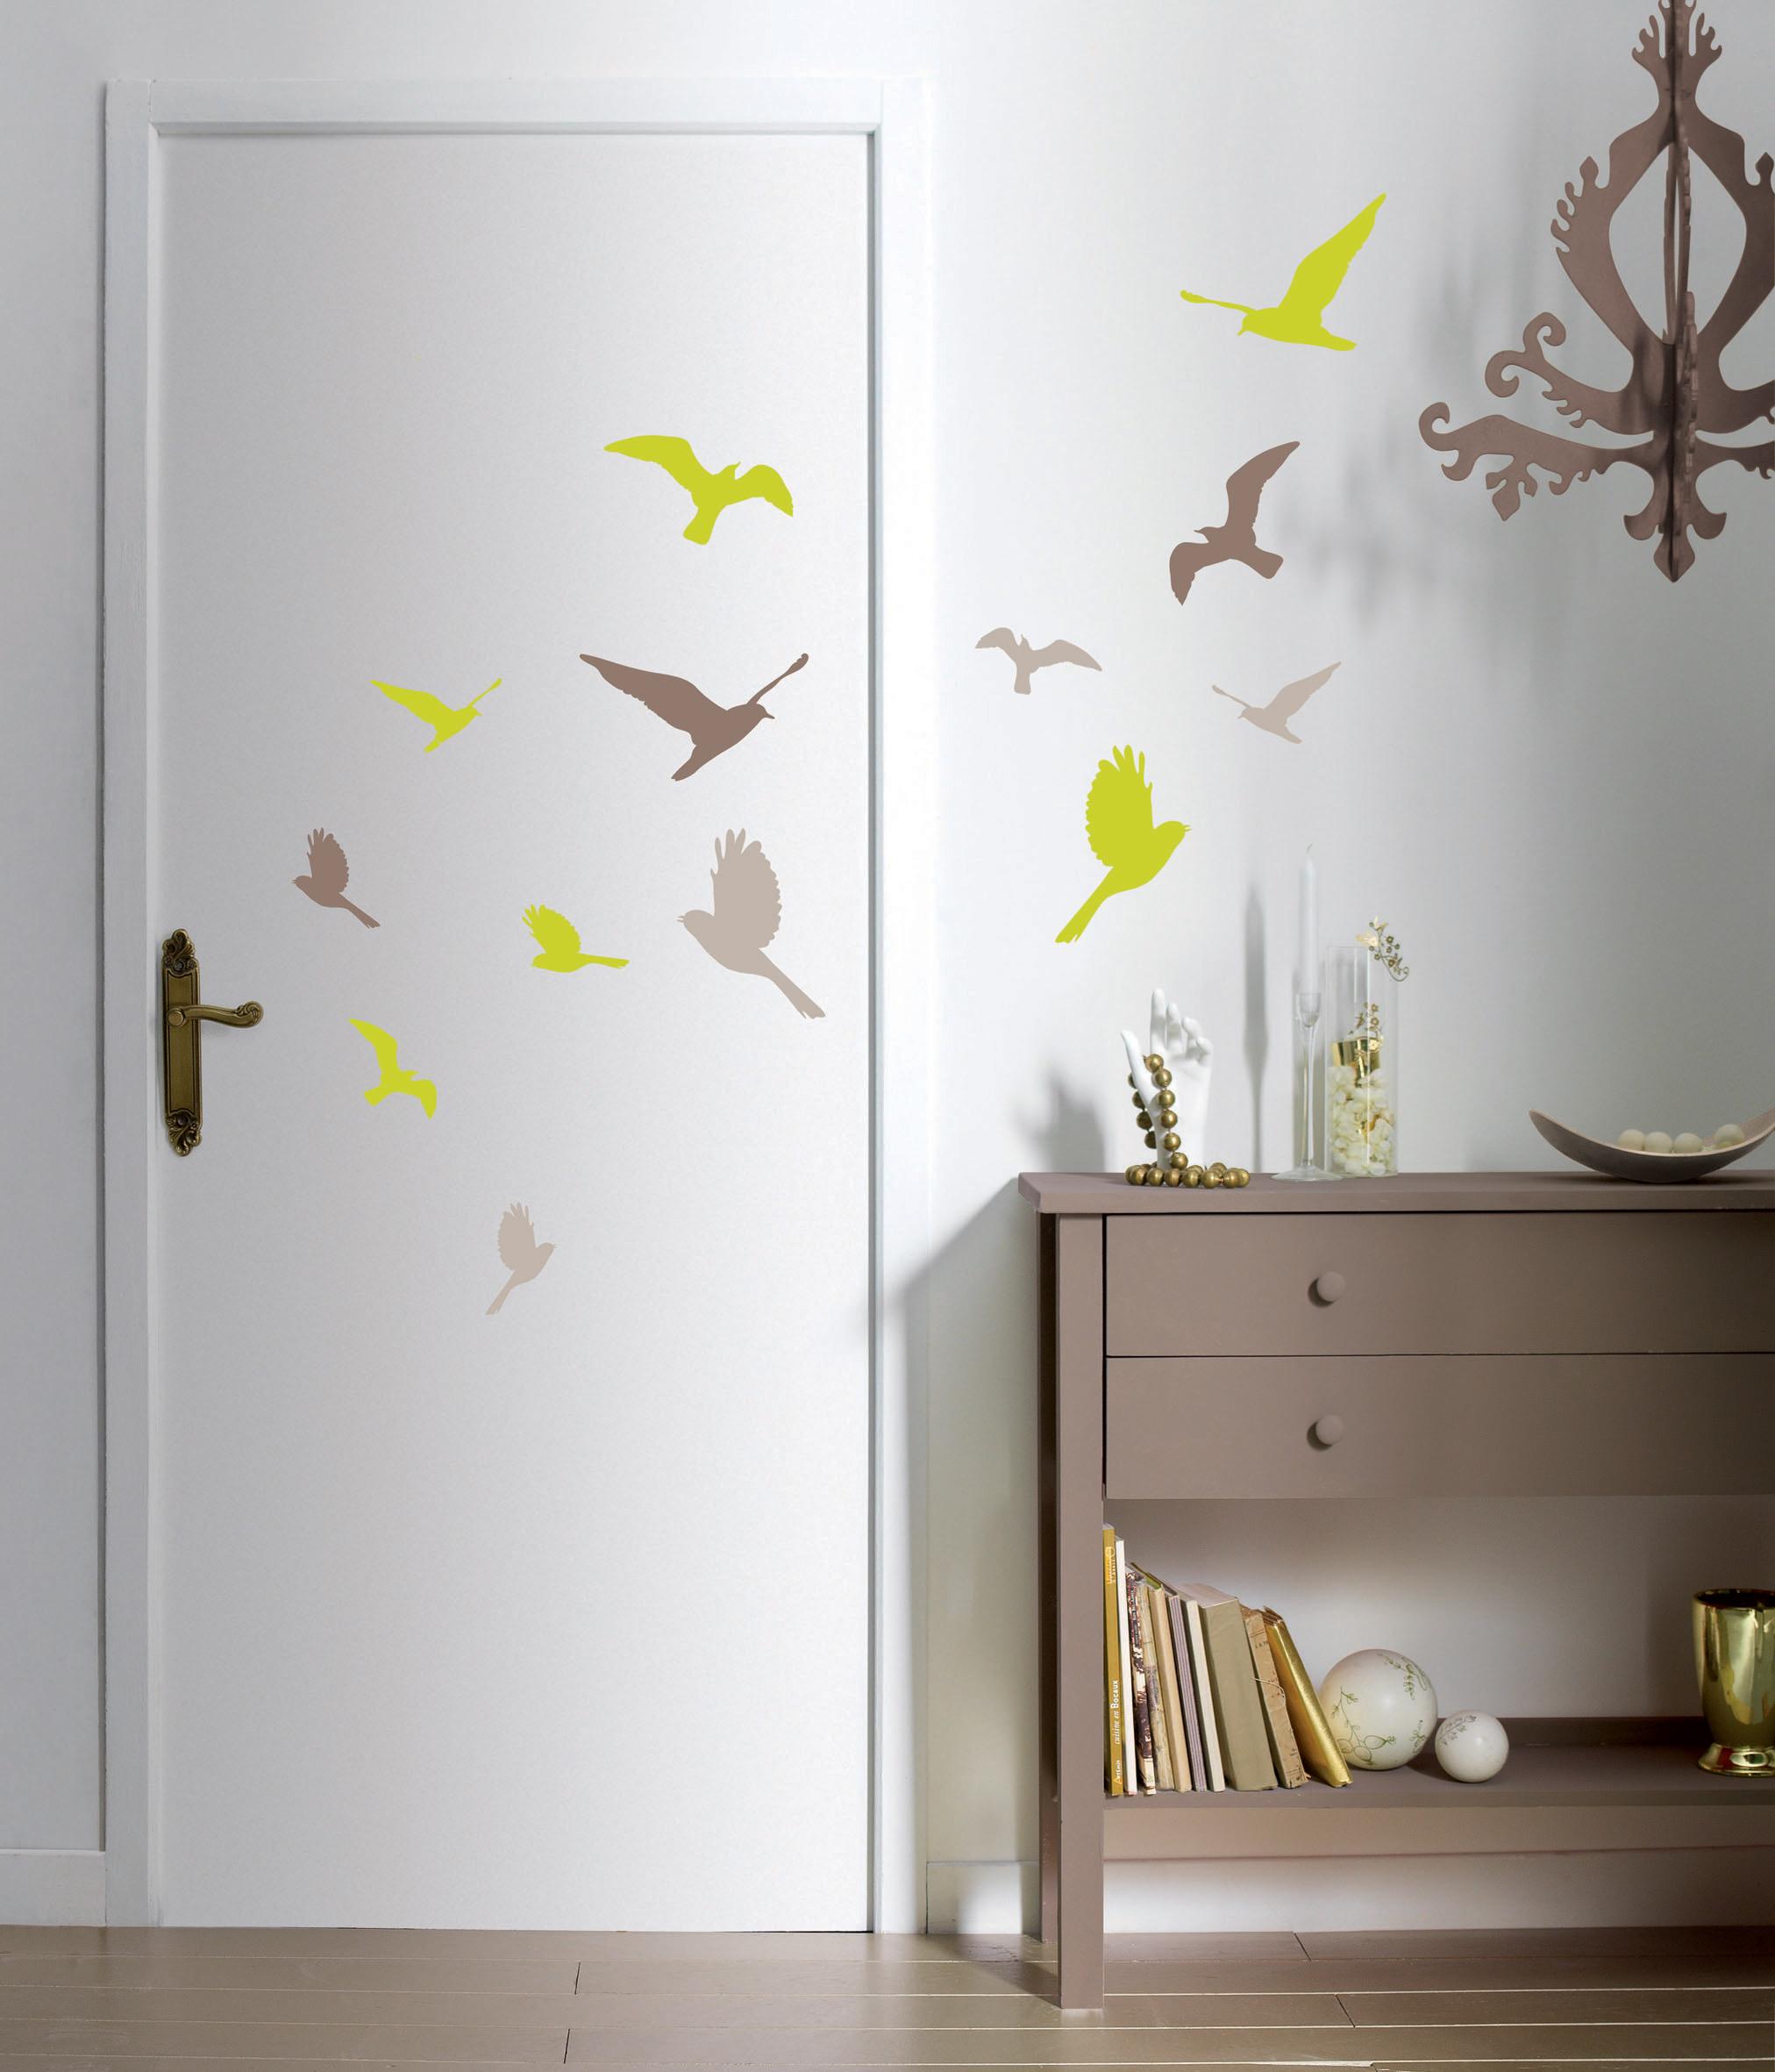 D coration murale stickers d coration murale le blog for Decoration murale papier